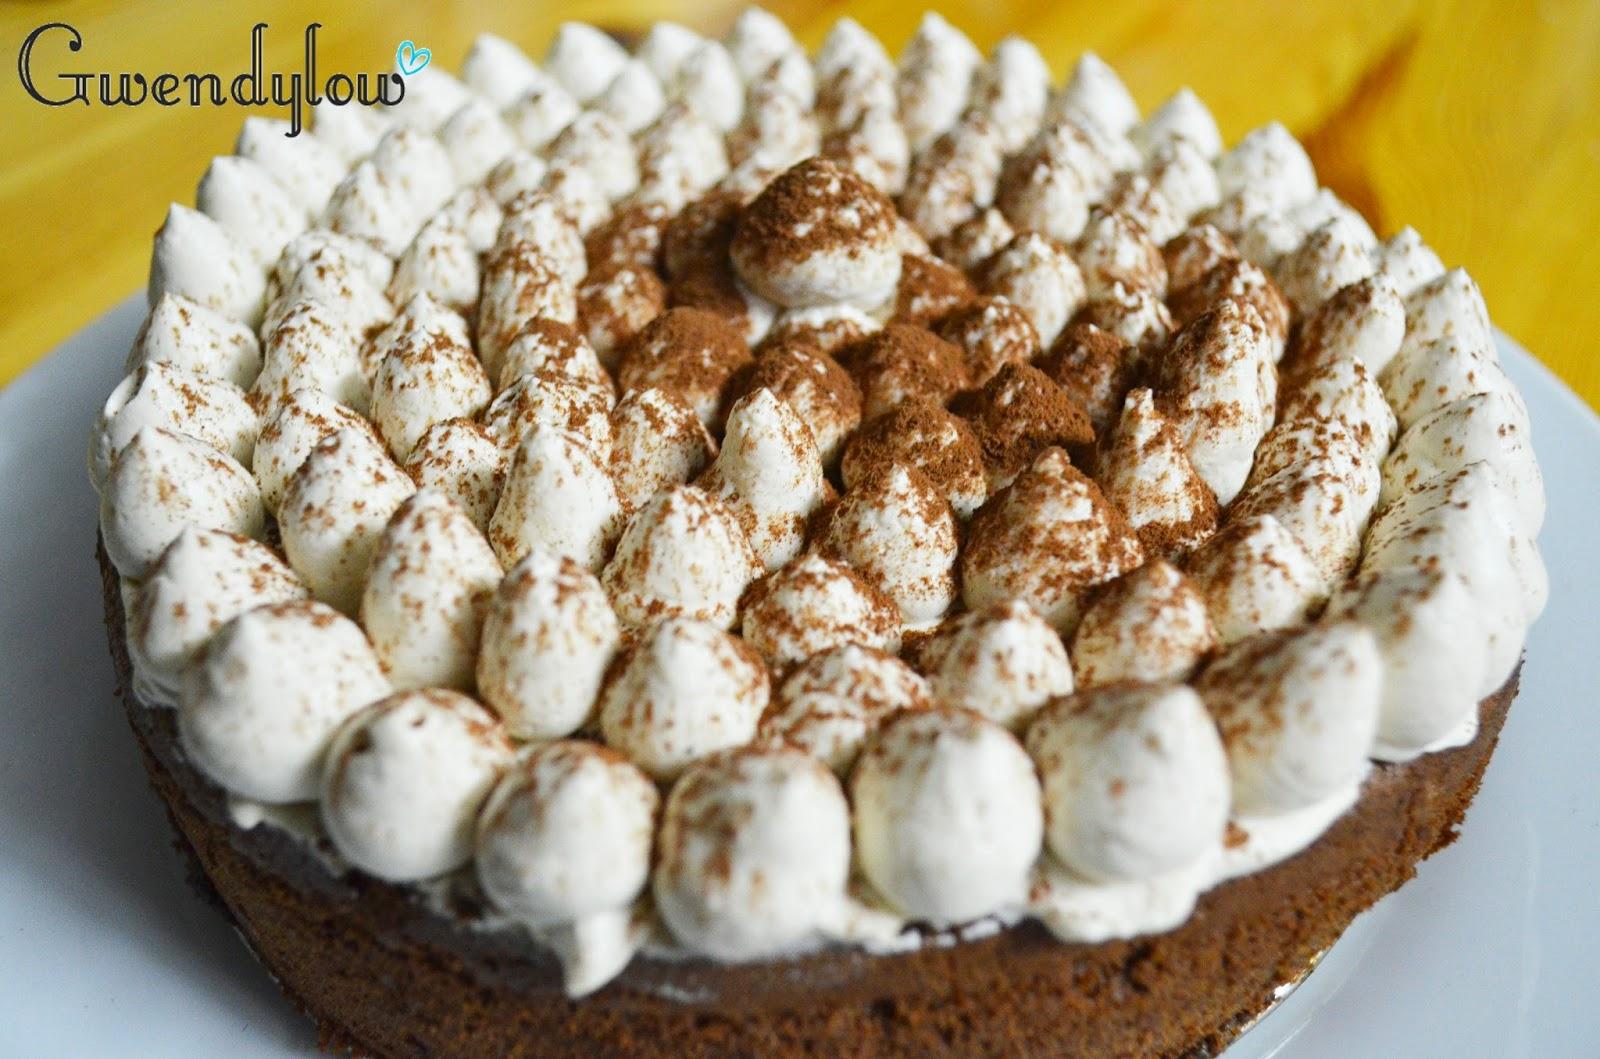 Baño Blanco De Azucar Receta:Brownie con Ganache de chocolate blanco con avellanas – Ñam, Ñam!!!